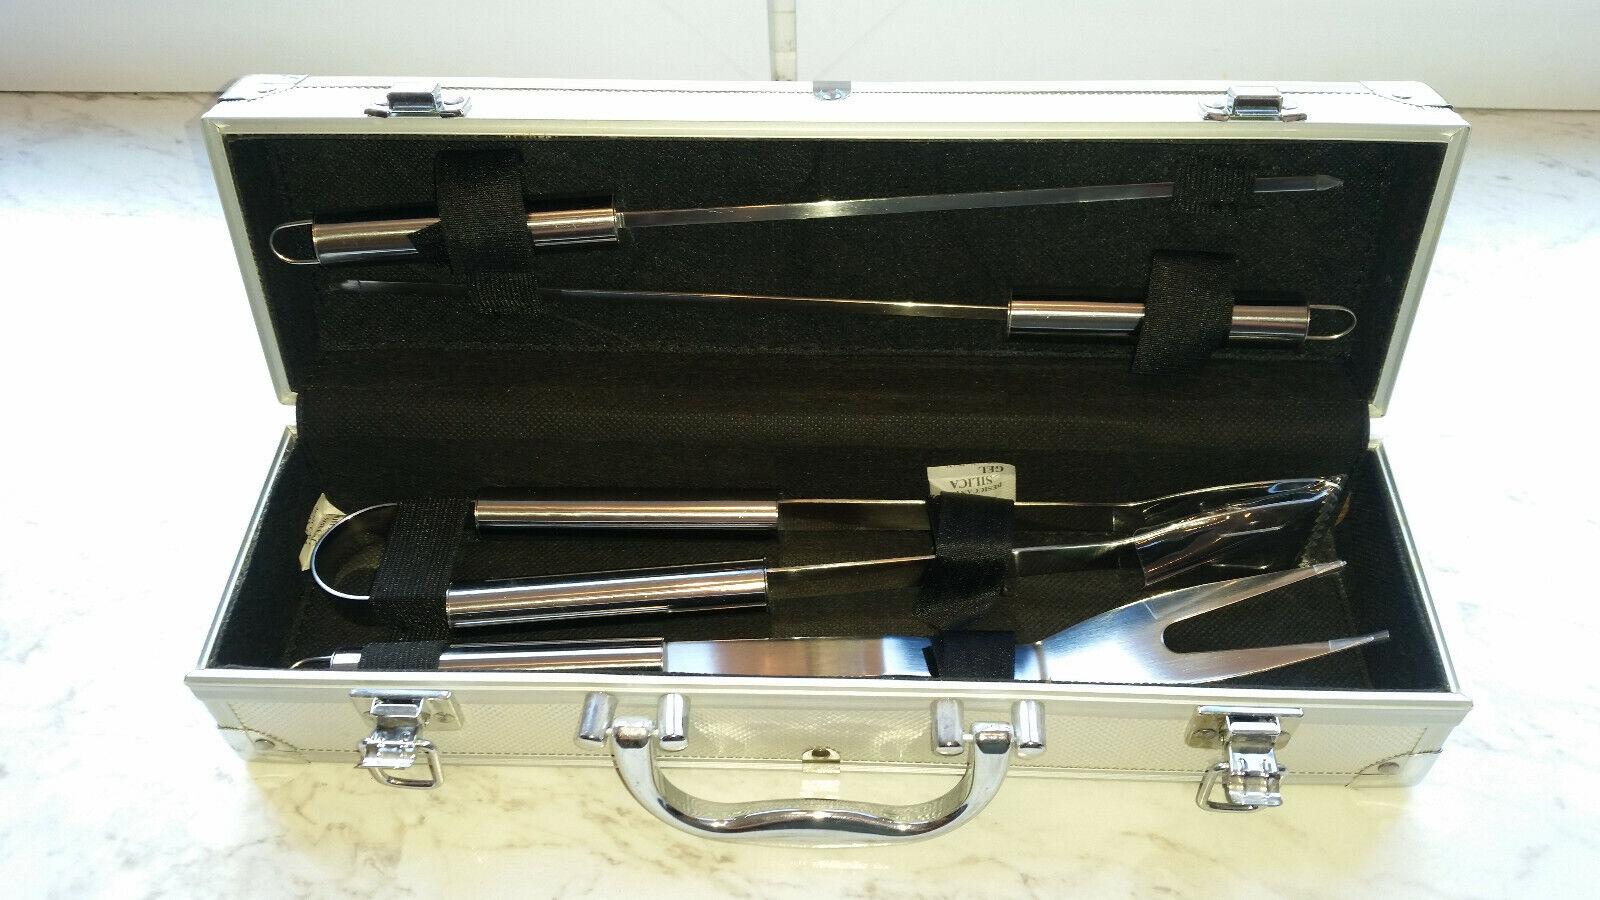 Home Grillkoffer 4-teilig komplett unbenutzt wie WMF